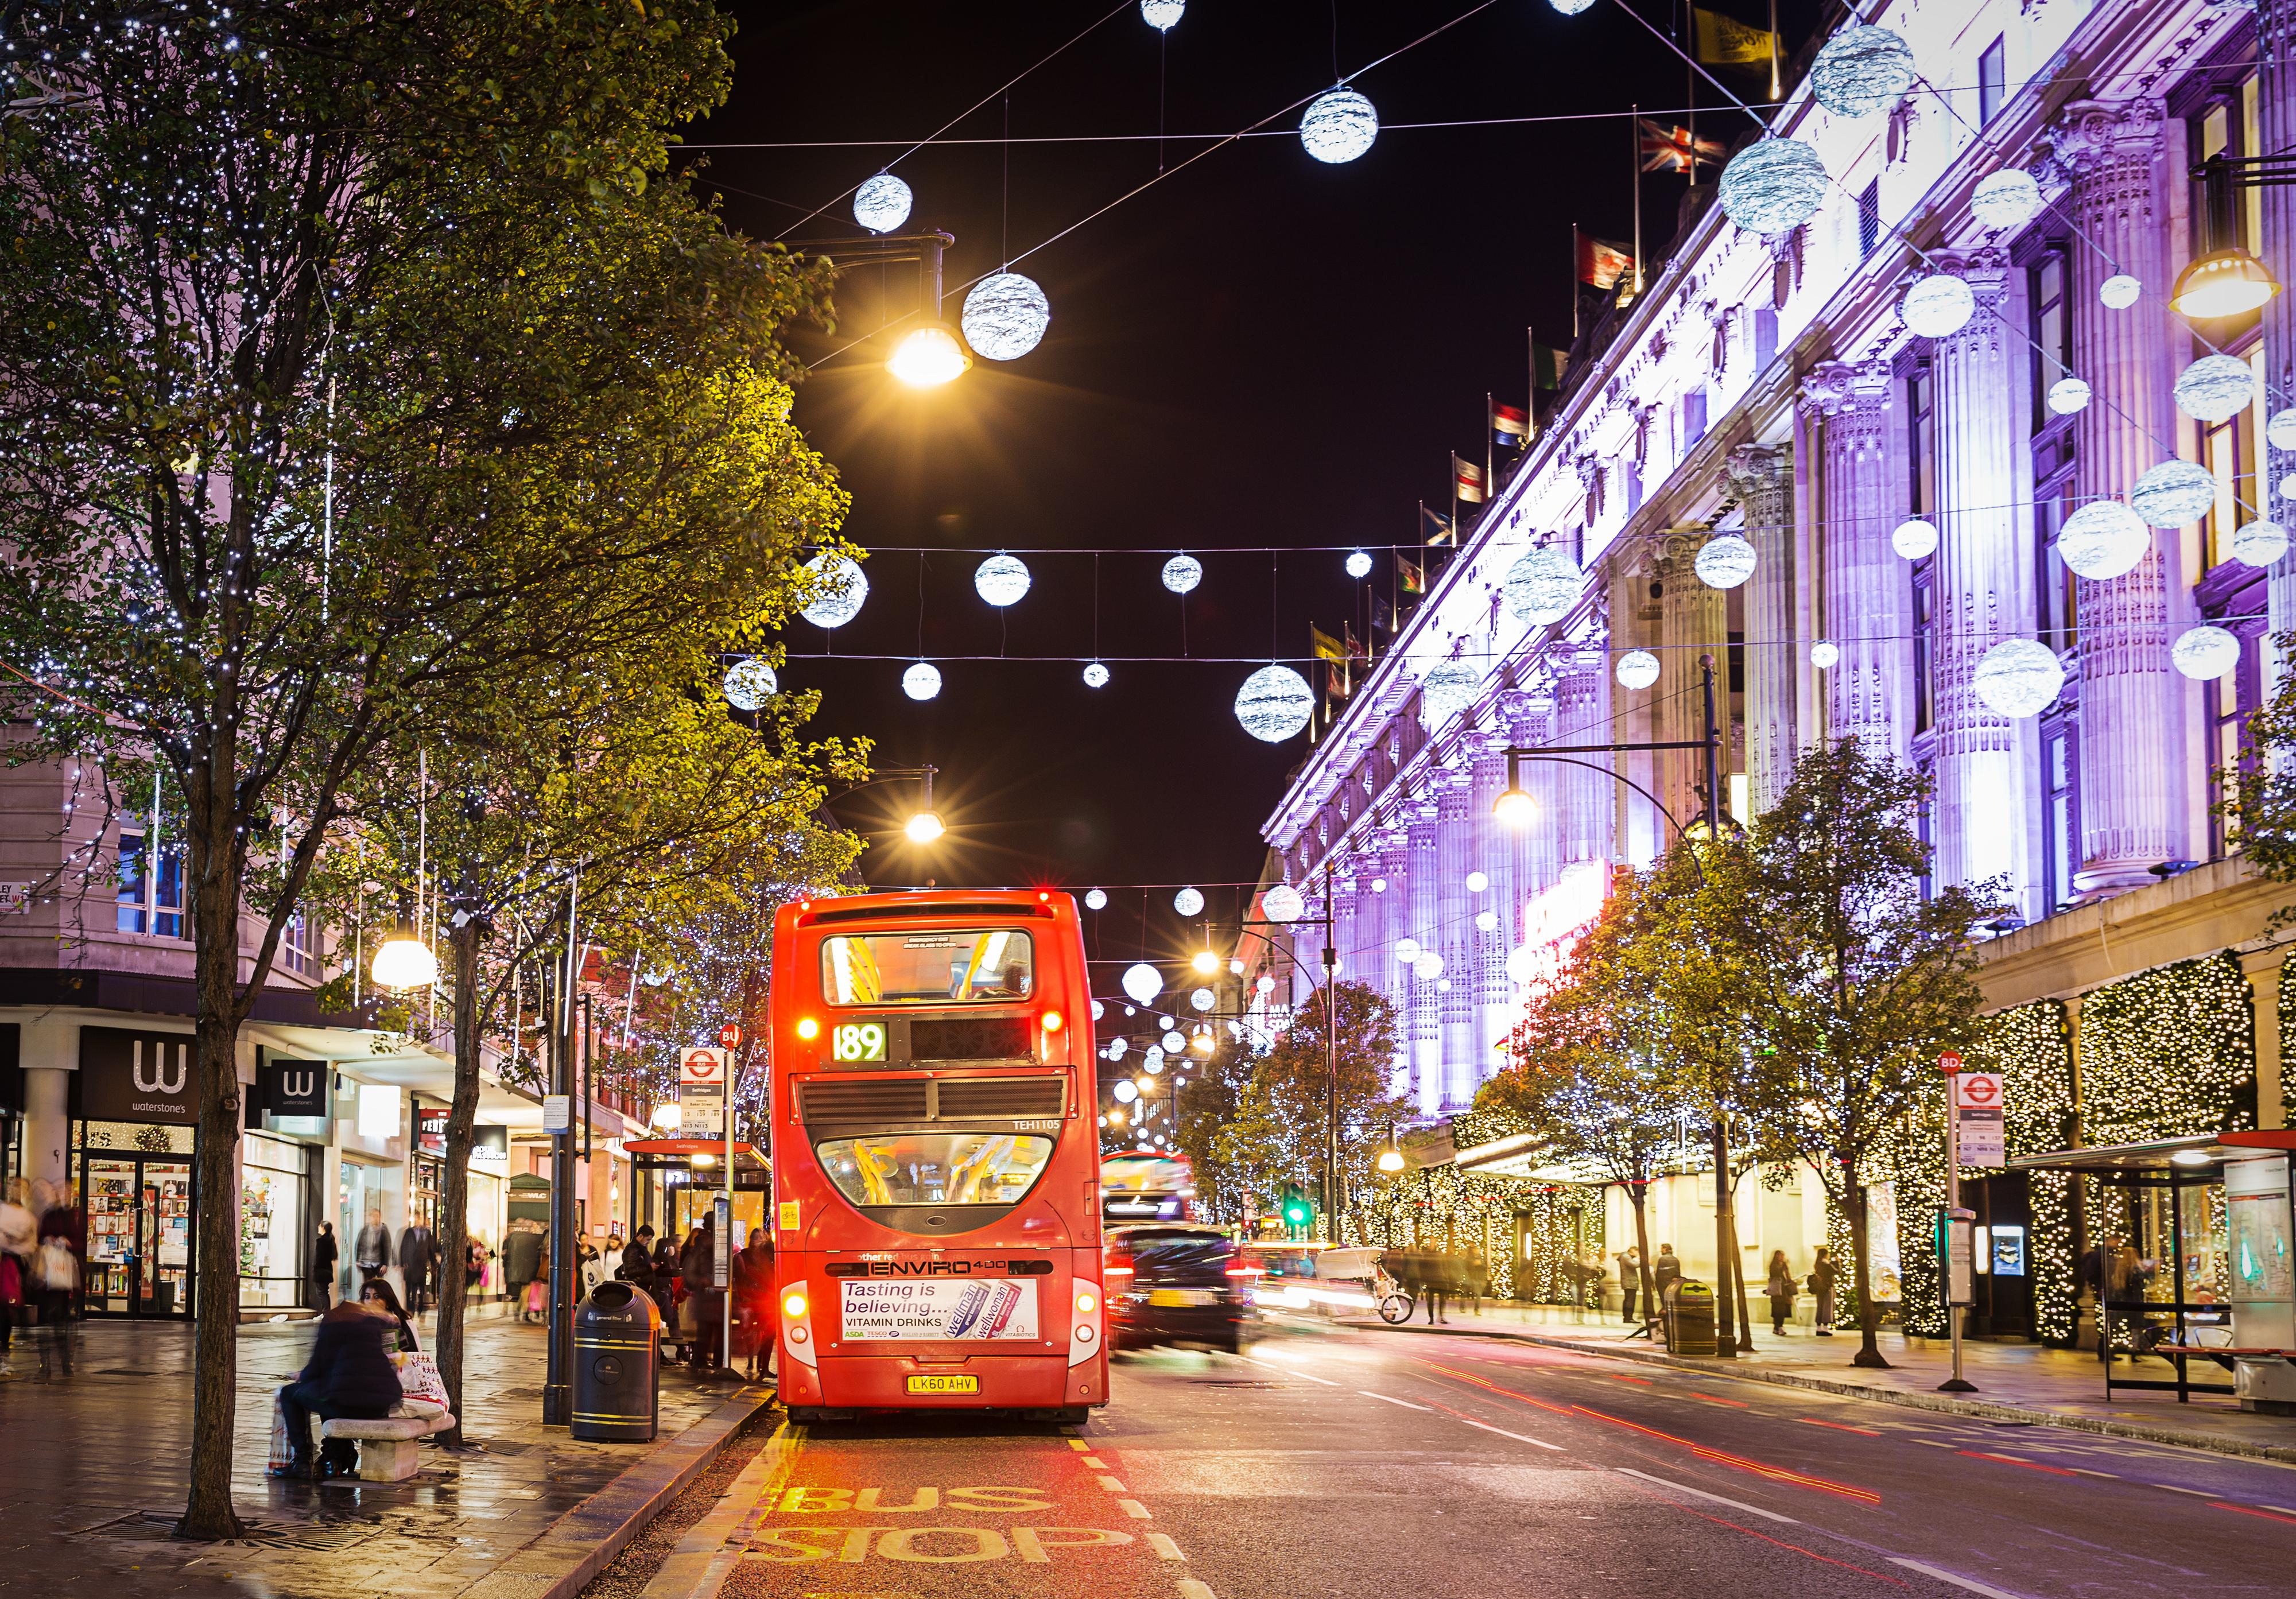 Immagini Londra Natale.Luci Alberi E Renne I Classici Del Natale 2014 A Londra